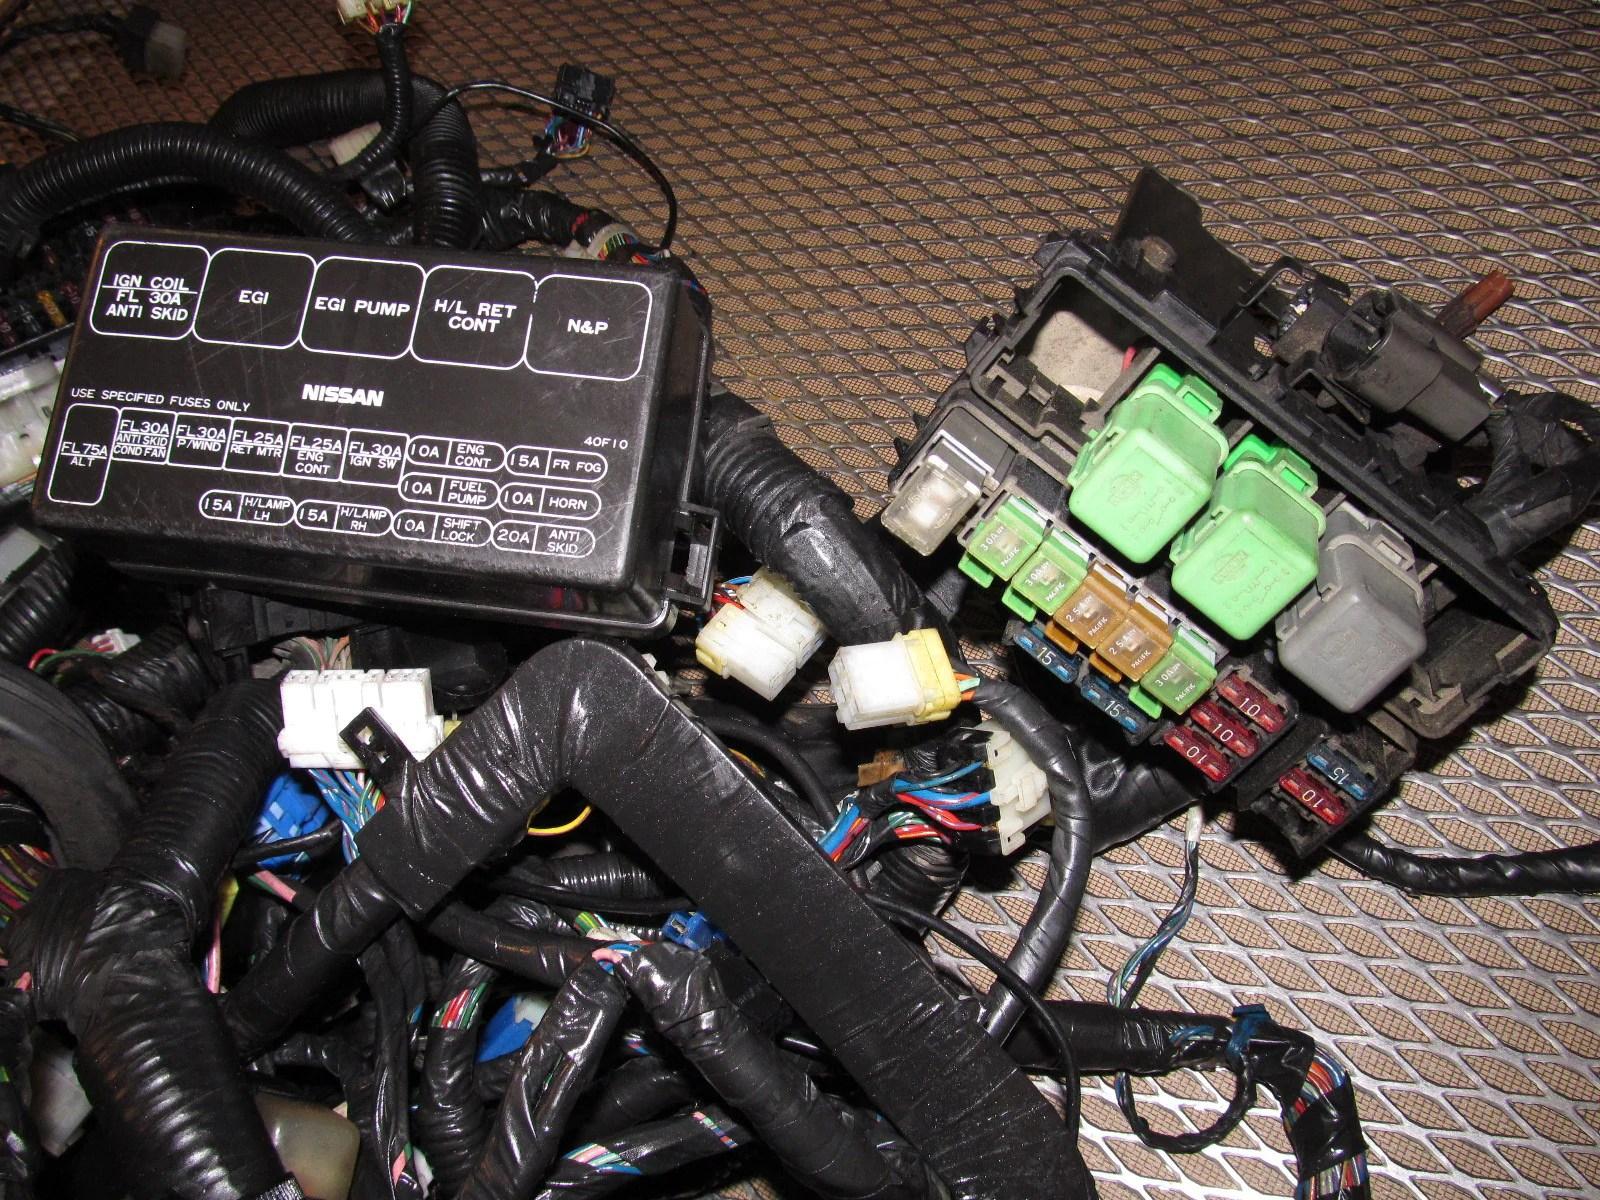 89 90 nissan 240sx oem fuse box wiring harness  [ 1600 x 1200 Pixel ]